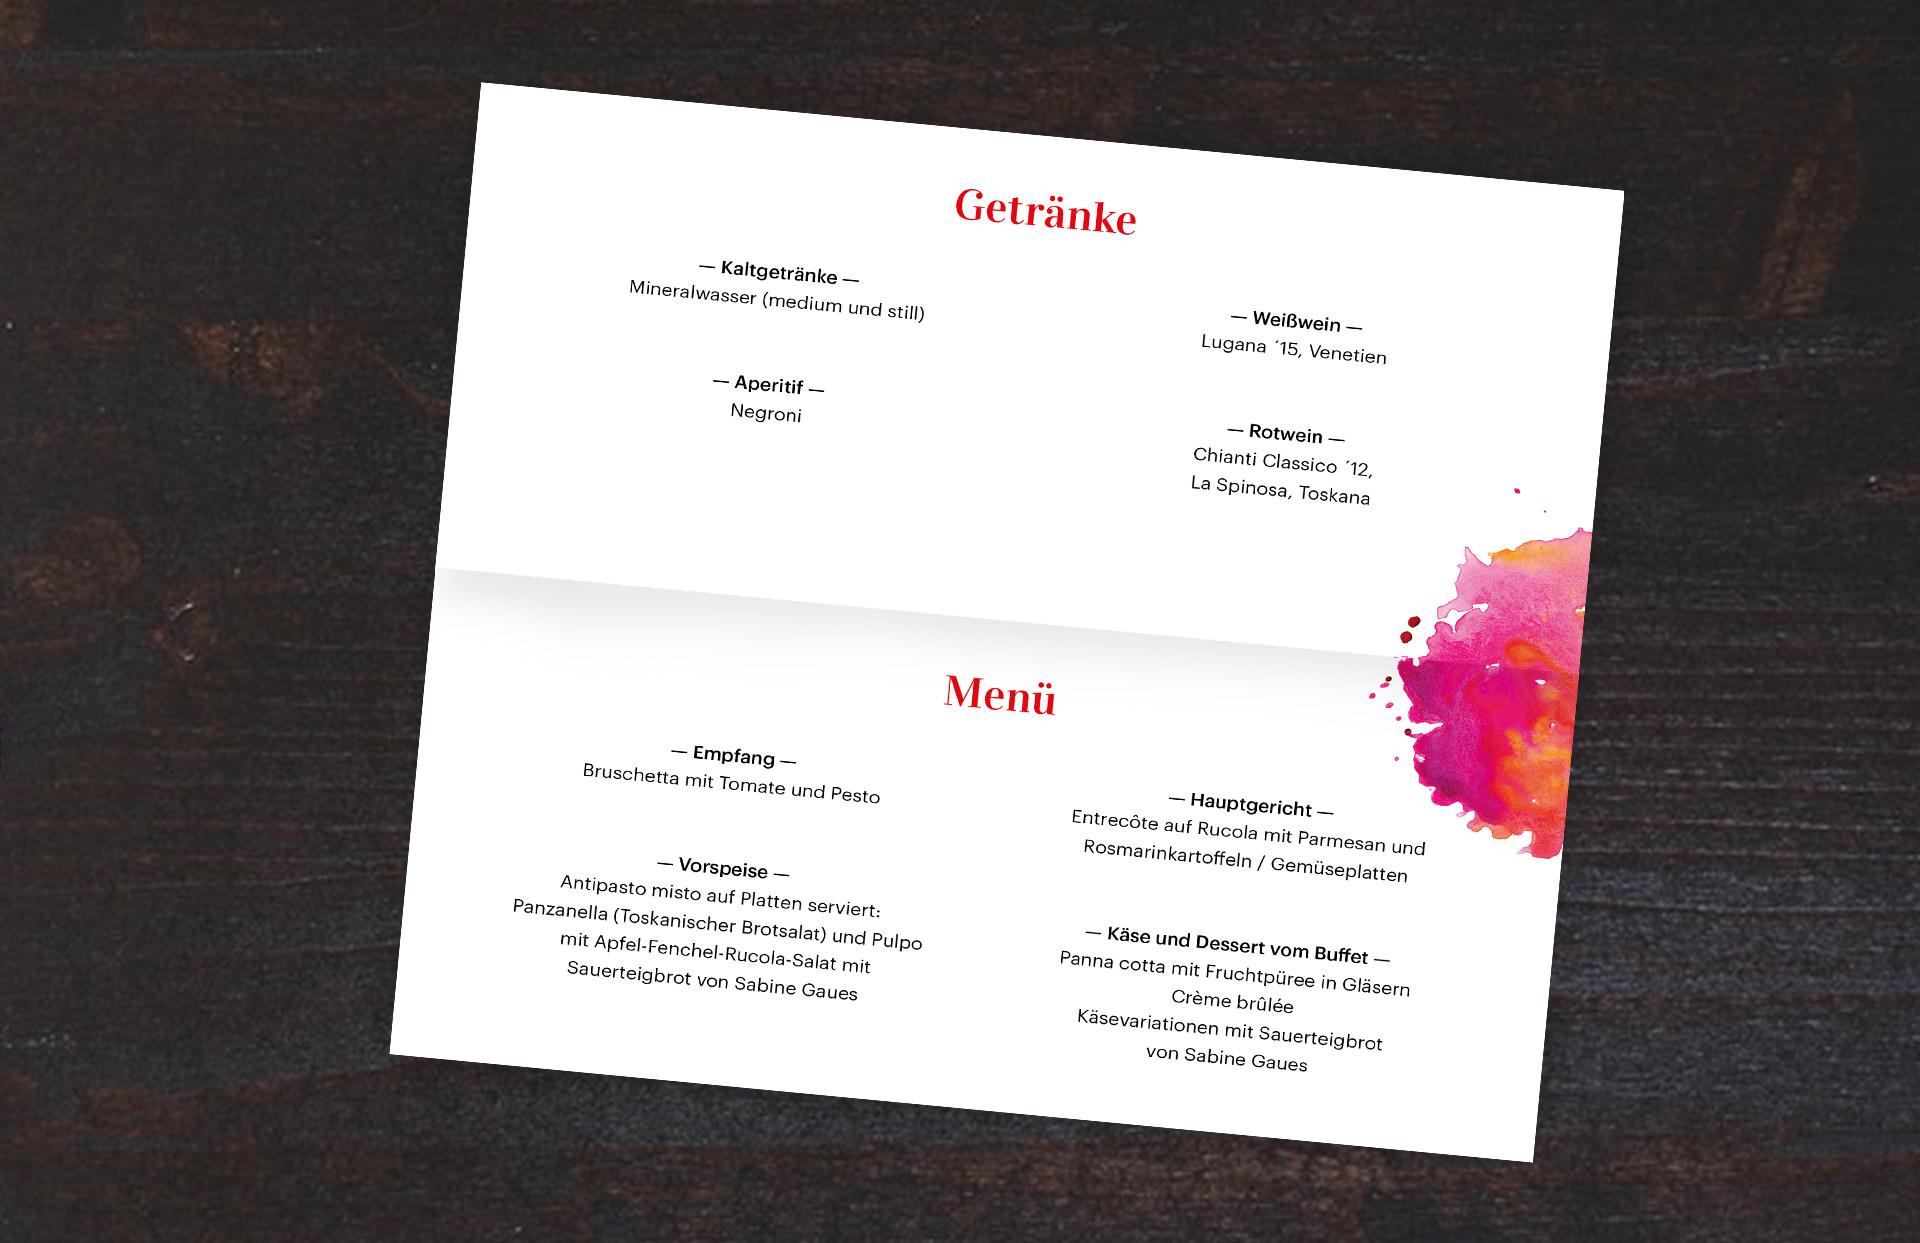 Förderkreis Kestnergesellschaft Kestner Design Print Druck Marketing Diner des Beaux Arts Essen Abend Tusche Wasserfarbe Kampagne Campaign Save the Date Pinsel kreativ Tisch Abendessen LAKE5 Consulting GmbH Hannover Germany